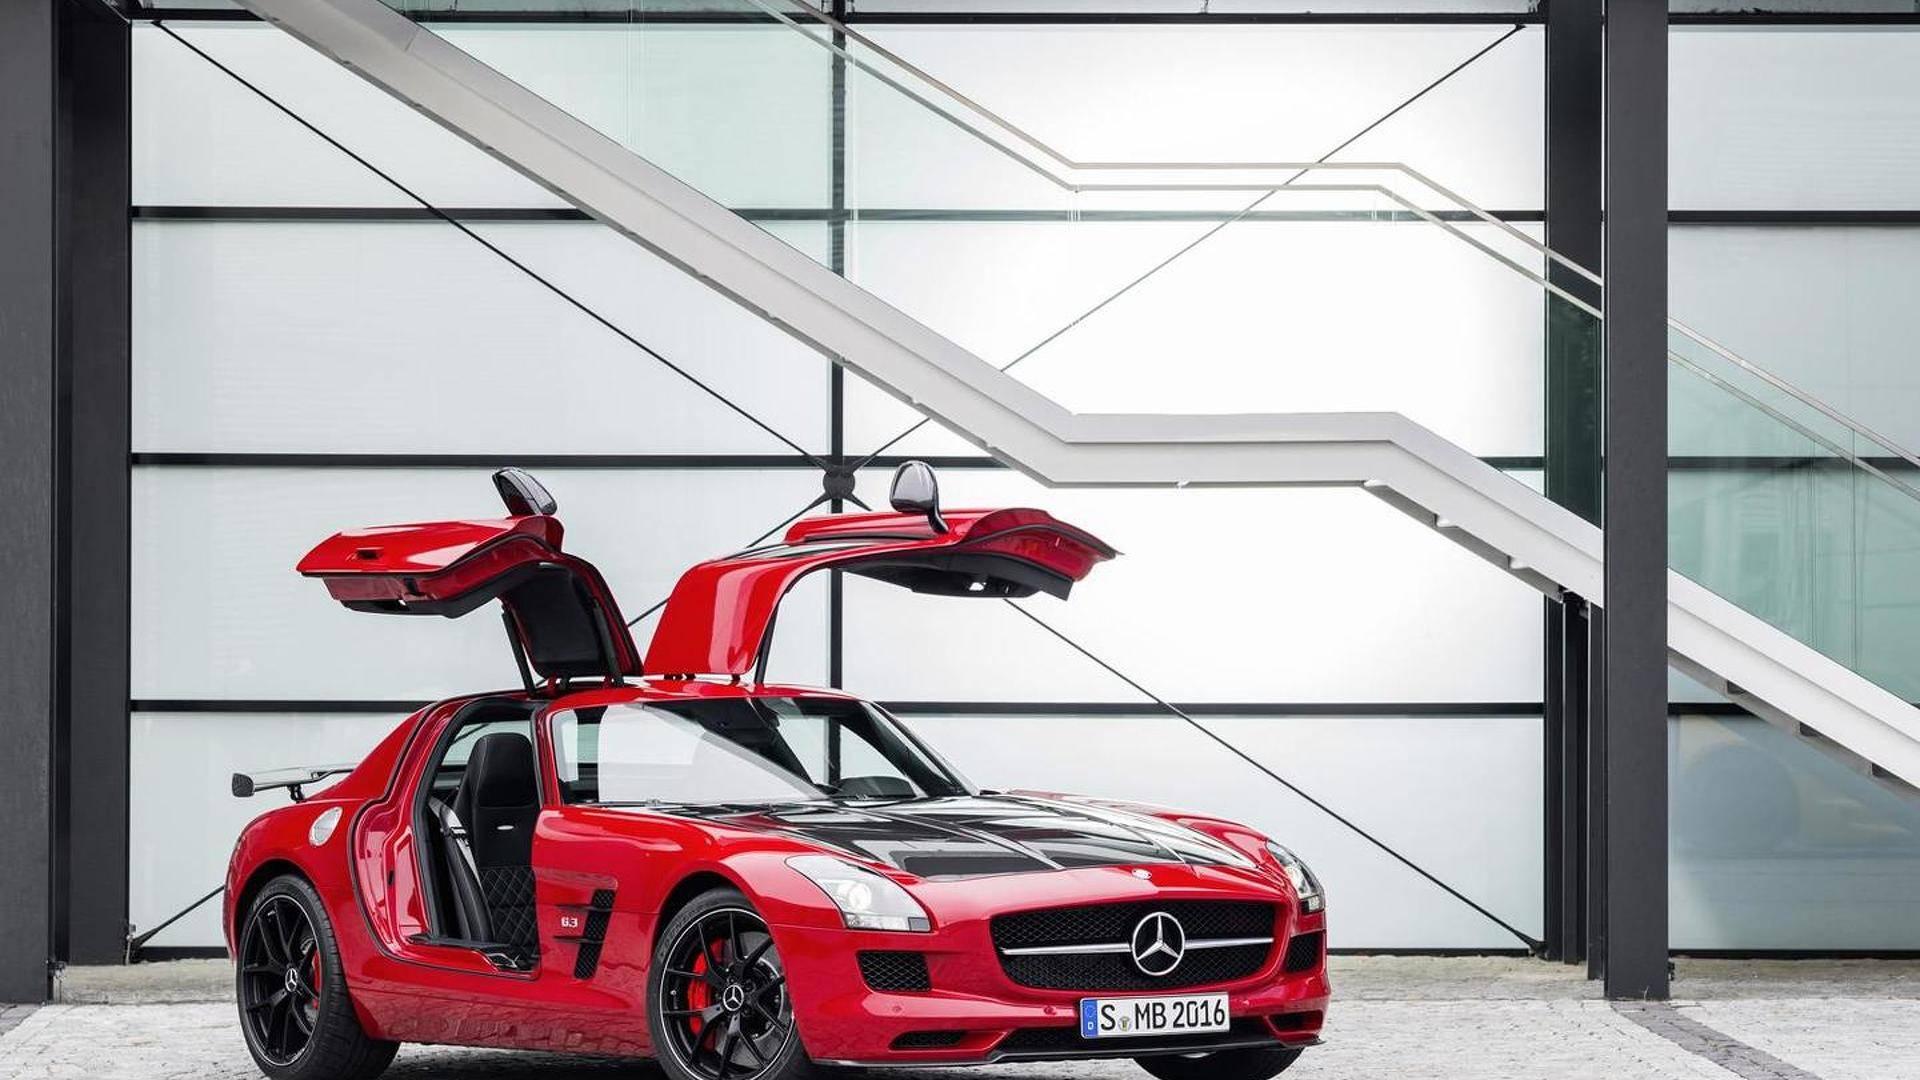 AMG SLS车型中有停产6年的新车?